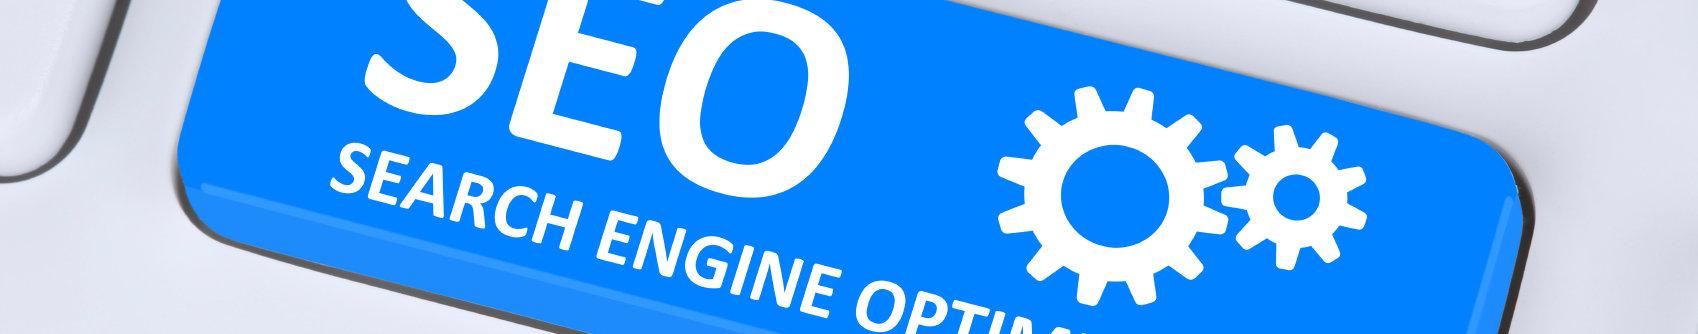 """SEO são as três letras para """"otimização de mecanismos de busca"""". Search engine optimization é uma metodologia de estratégias, técnicas e táticas utilizadas para aumentar a quantidade de visitantes de um site, obtendo um posicionamento de alto nível na página de resultados de pesquisa de um mecanismo de busca (SERP) - incluindo Google, Bing, Yahoo e outros motores de busca."""